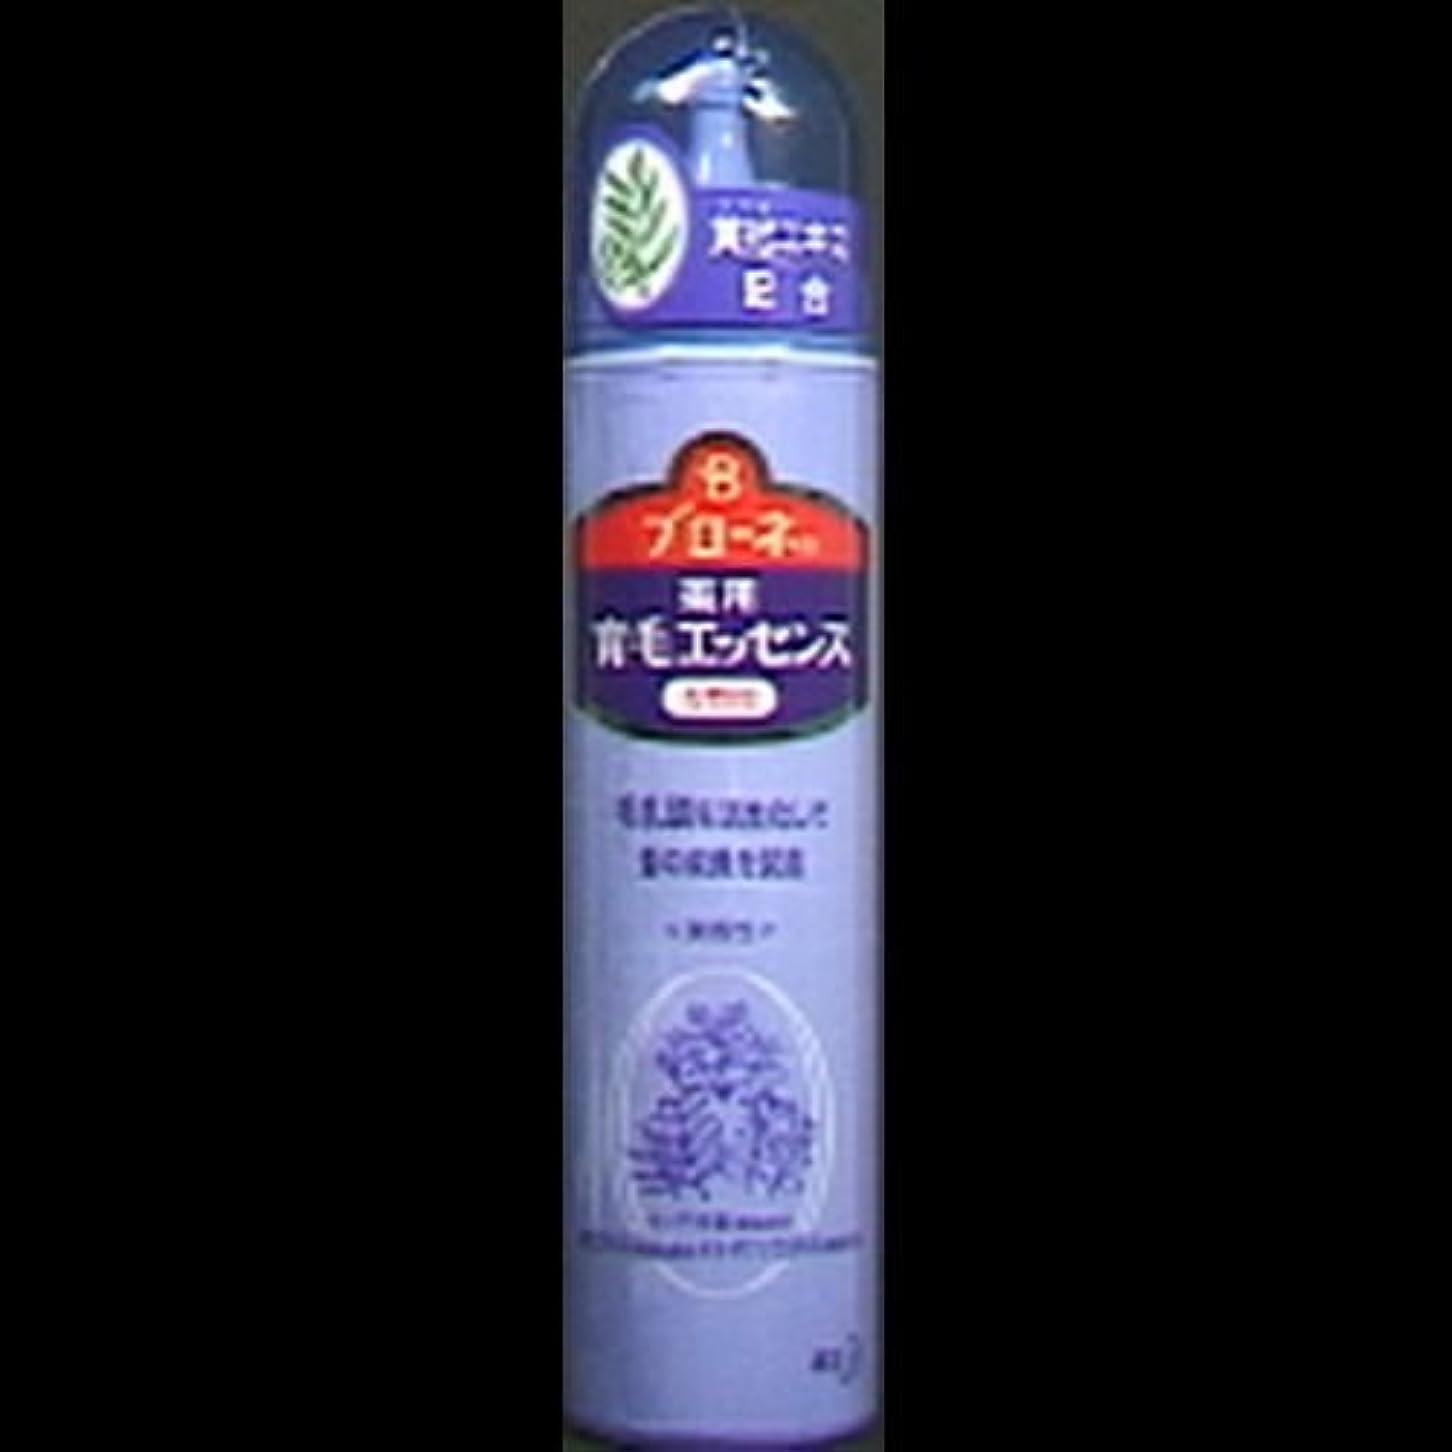 ぐったり引数添付【まとめ買い】花王 ブローネ 薬用育毛エッセンス 130g ×2セット